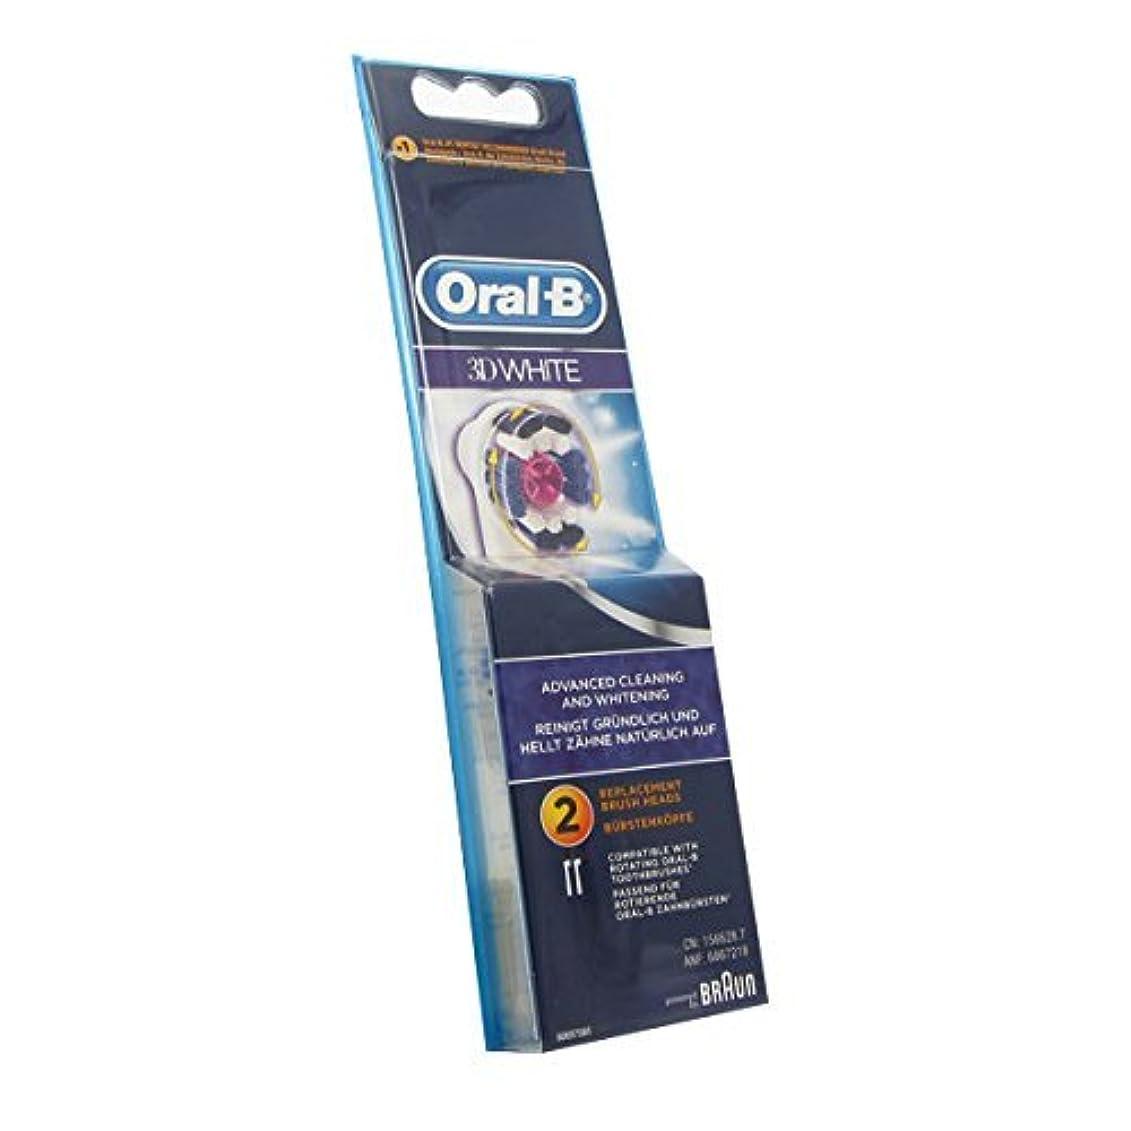 悲劇的なアジア連帯Oral B 3d White Replacement Brush X2 [並行輸入品]